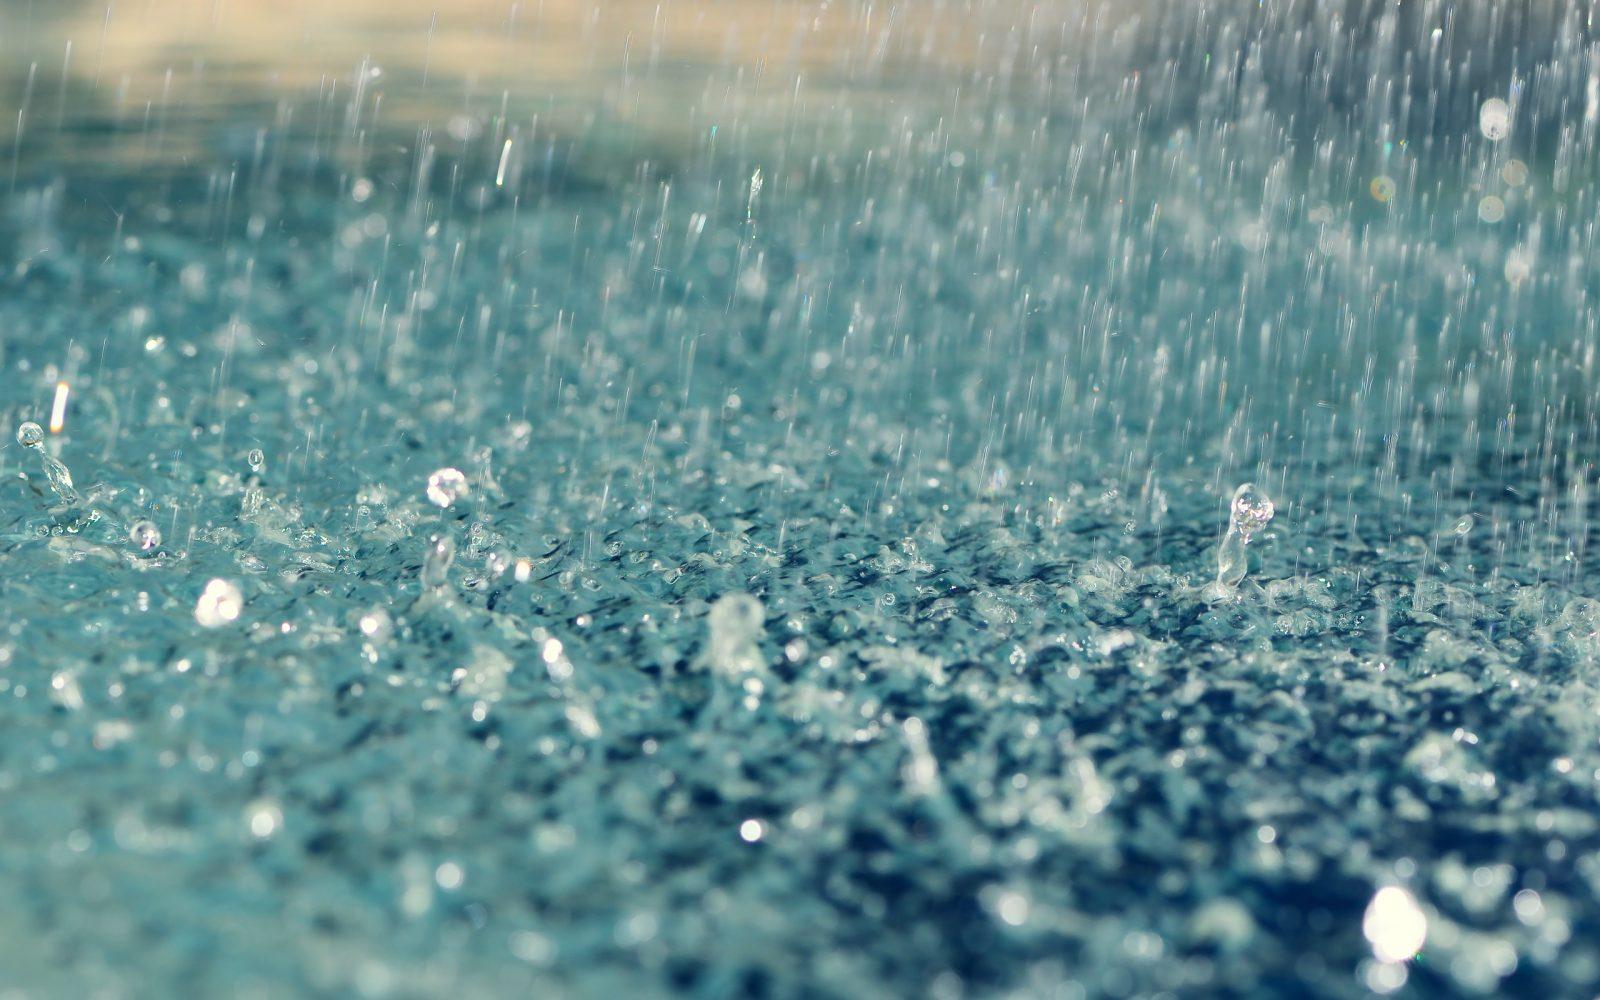 Sonhar com chuva um